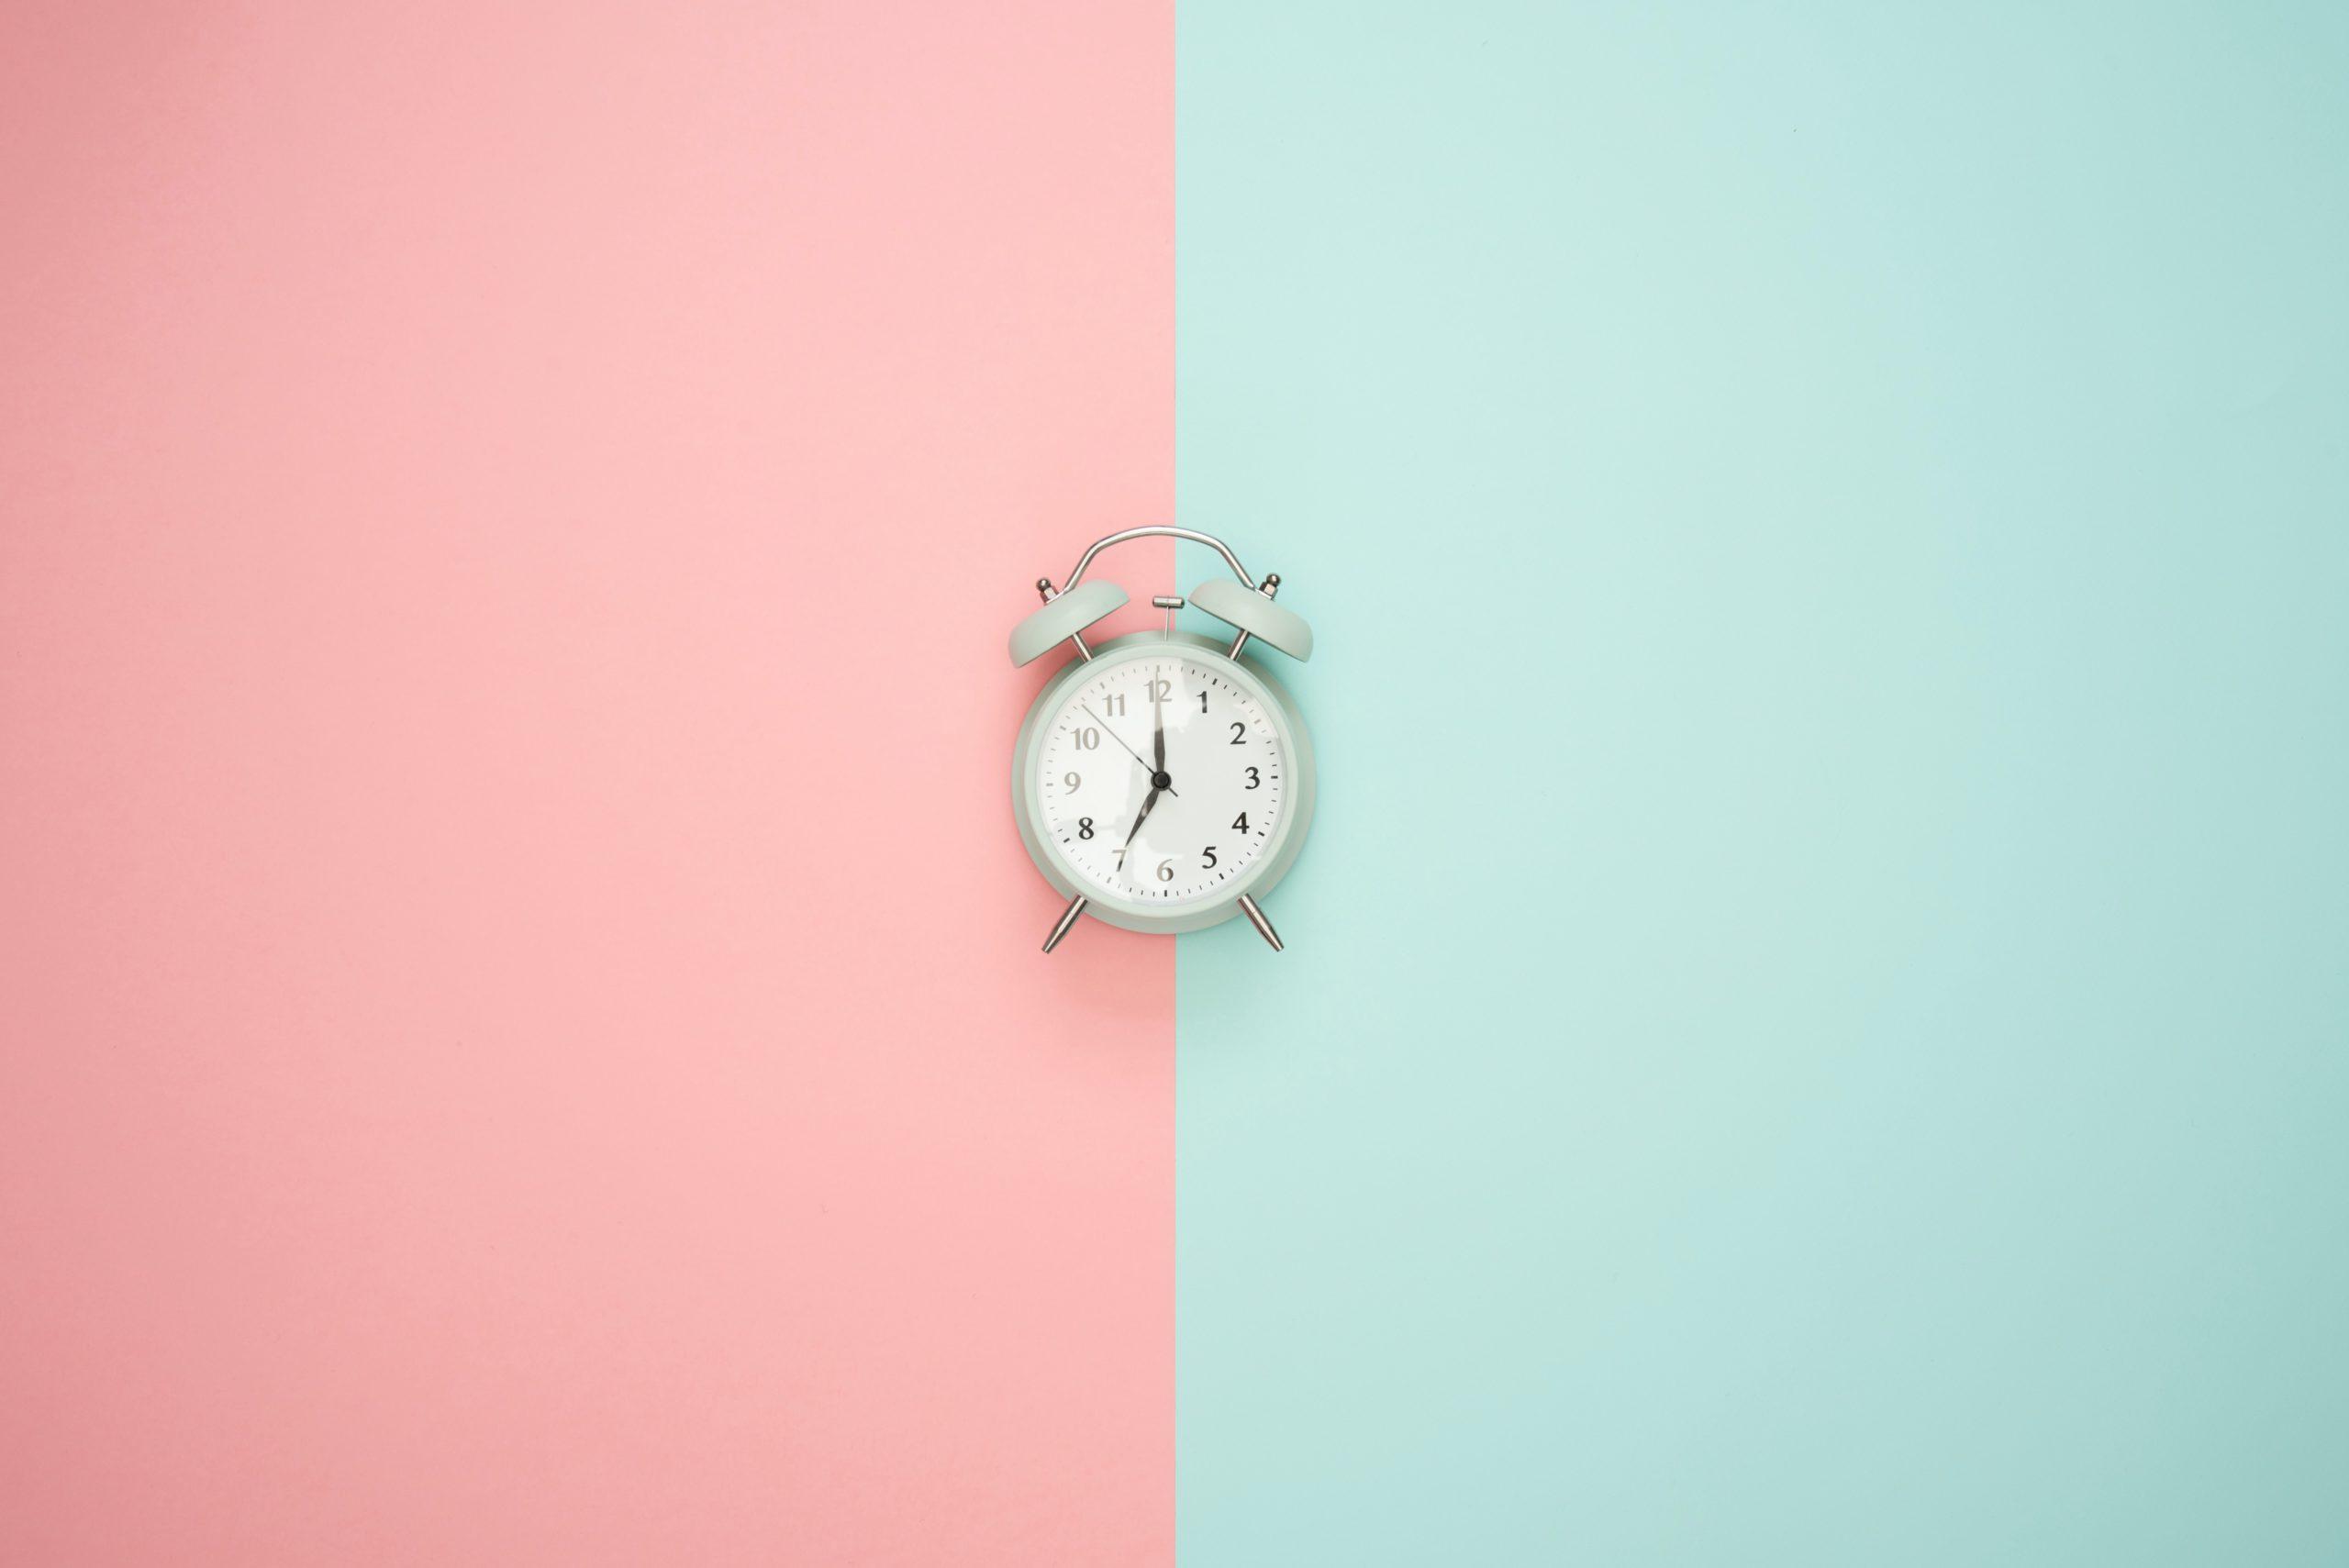 team-meetings-waste-time